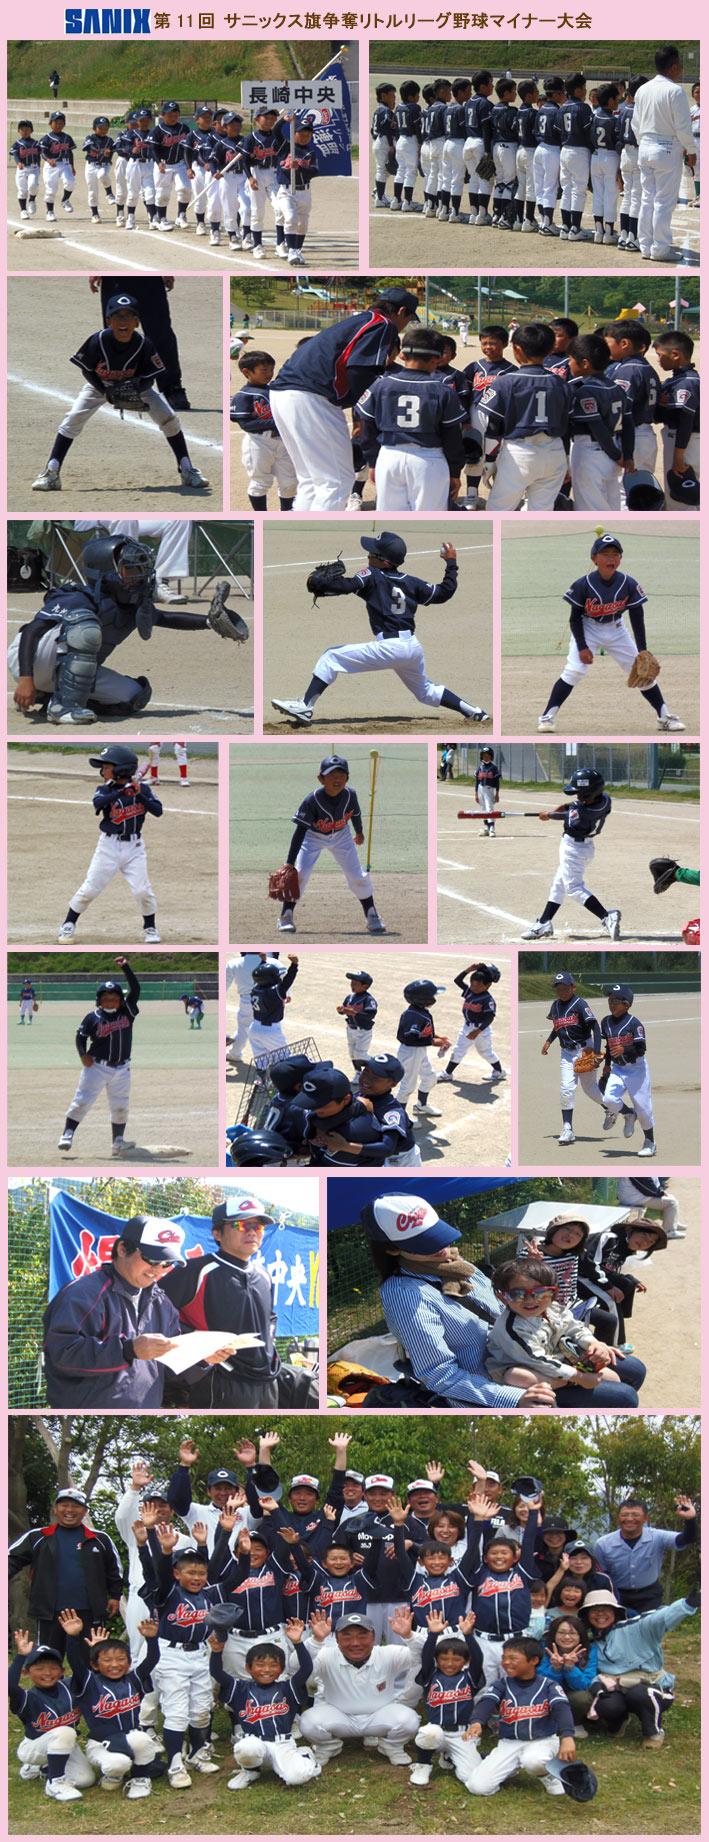 第11回 サニックス旗争奪リトルリーグ野球マイナー大会 平成24年5月12・13日_a0167447_21501764.jpg